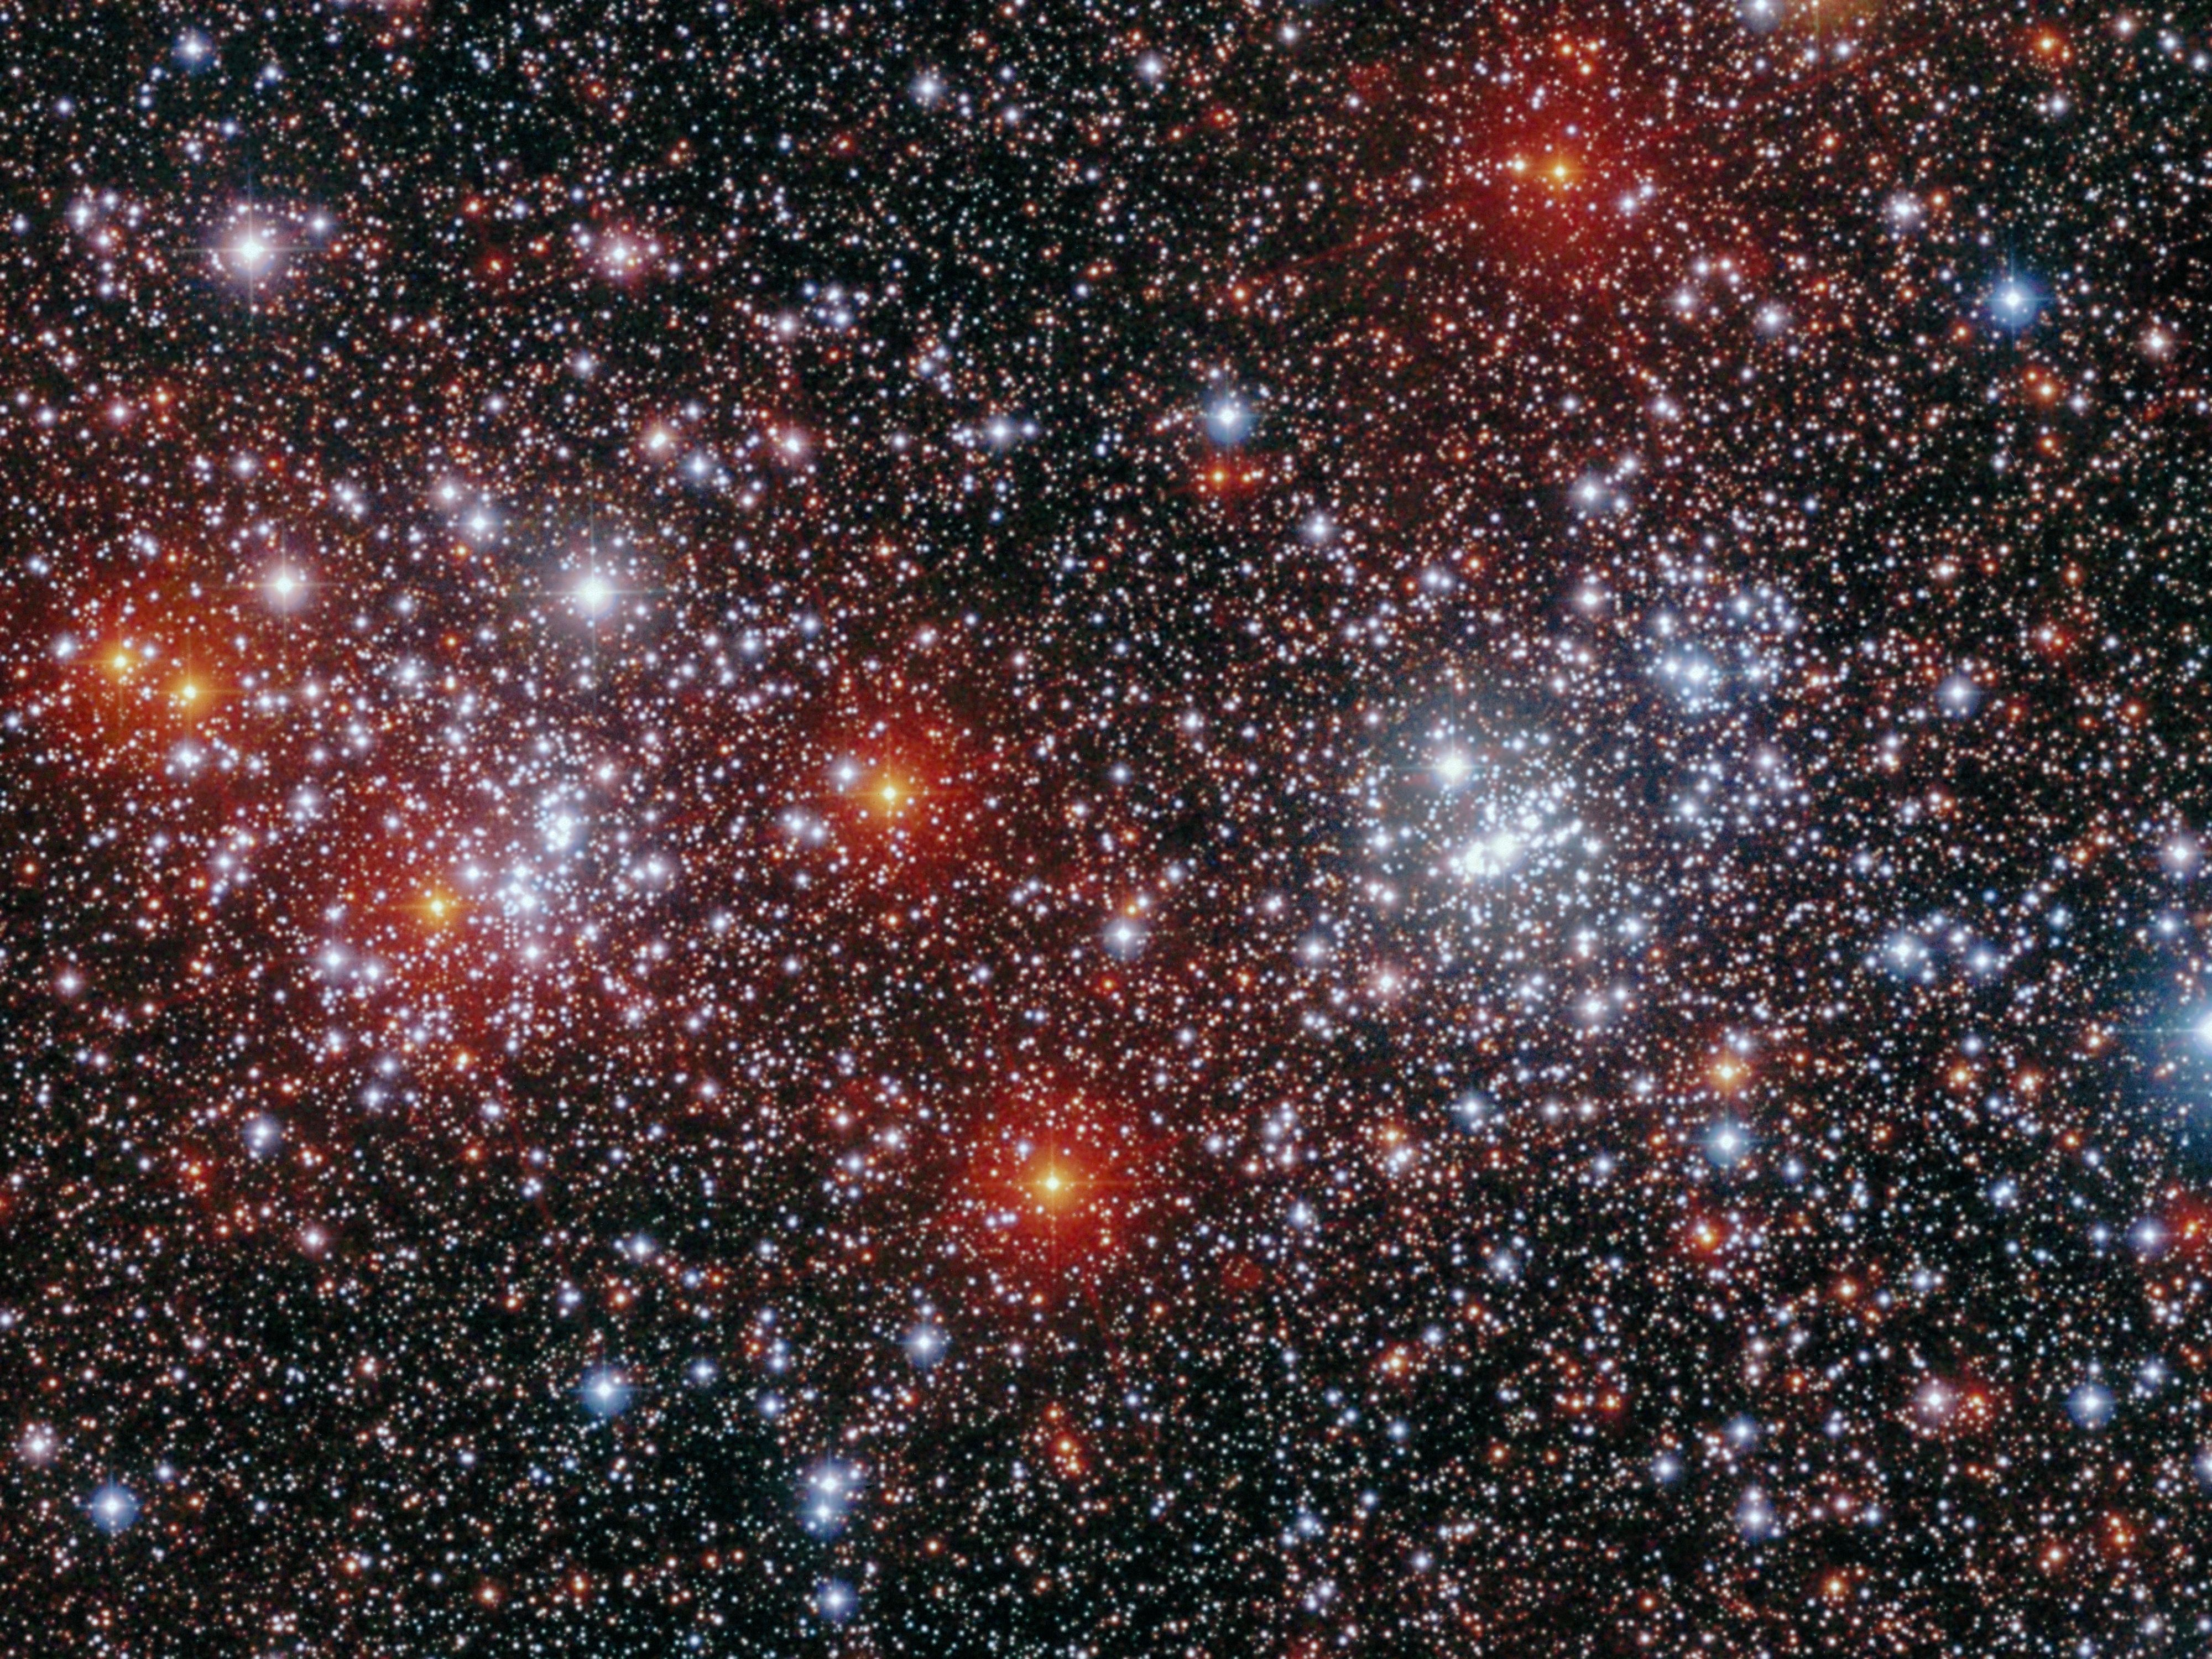 размеры вселенной фото данный агисхьяльм создаст